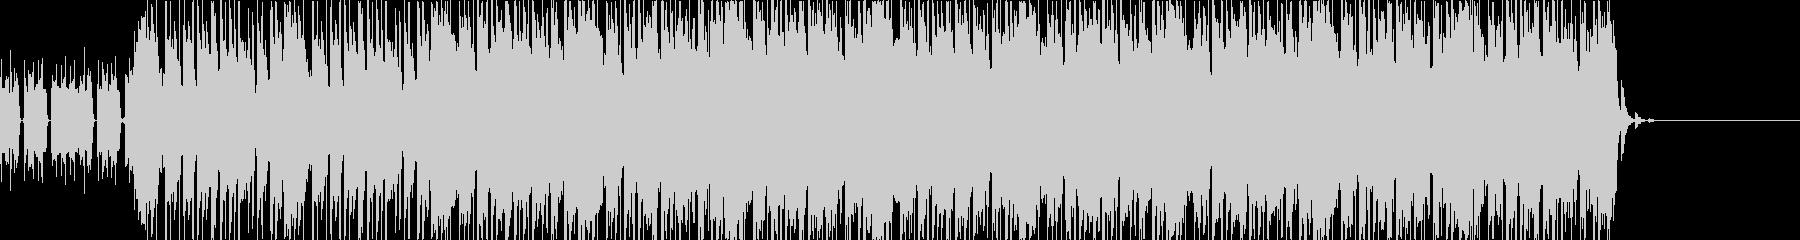 ベースとシンセが印象的なリフの未再生の波形